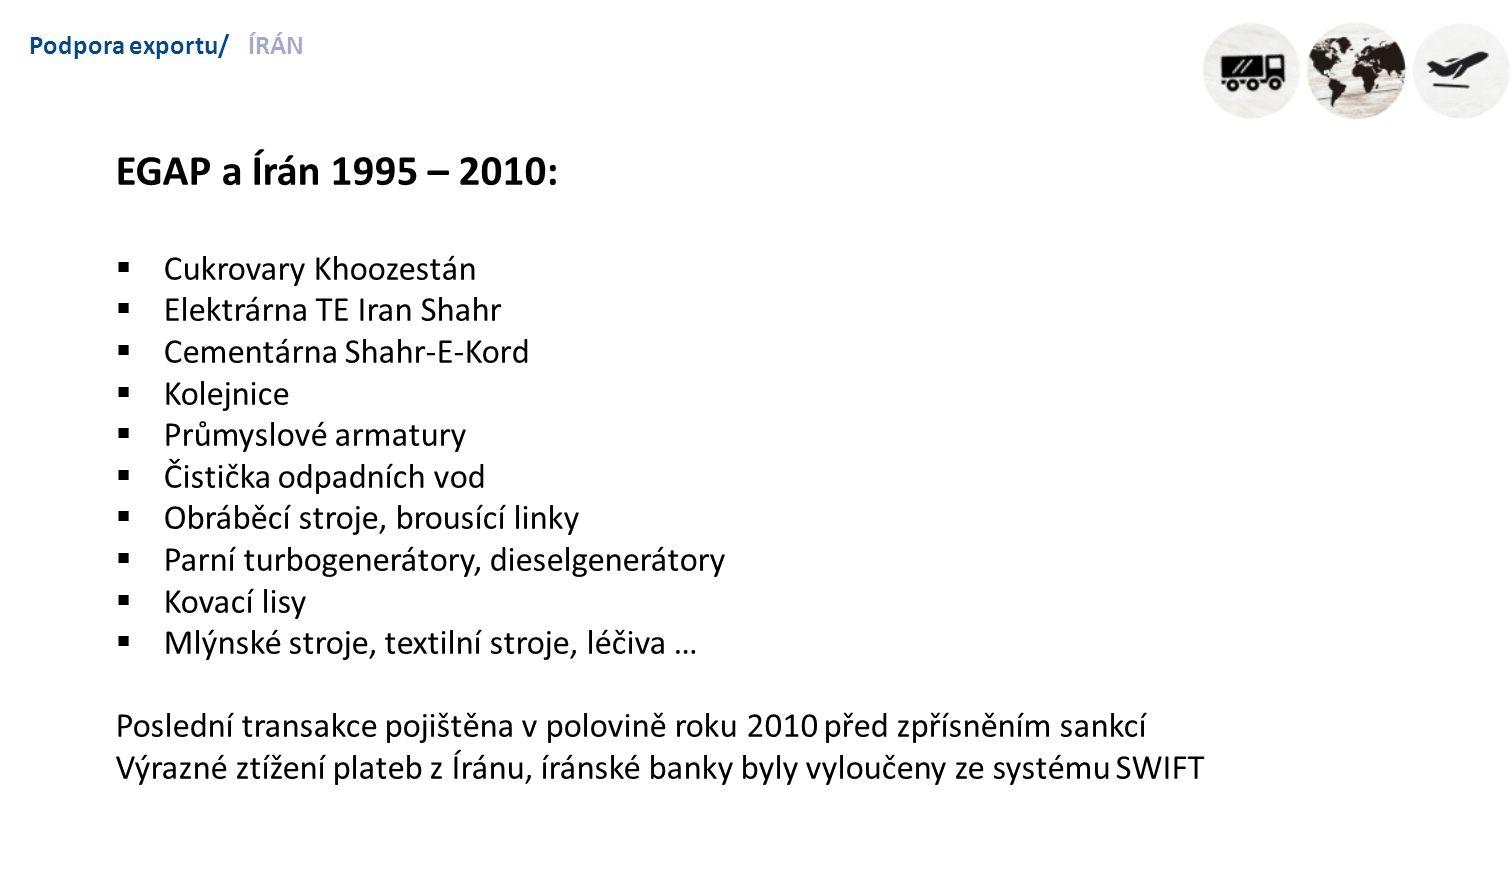 Podpora exportu/ÍRÁN EGAP a Írán 1995 – 2010:  Cukrovary Khoozestán  Elektrárna TE Iran Shahr  Cementárna Shahr-E-Kord  Kolejnice  Průmyslové armatury  Čistička odpadních vod  Obráběcí stroje, brousící linky  Parní turbogenerátory, dieselgenerátory  Kovací lisy  Mlýnské stroje, textilní stroje, léčiva … Poslední transakce pojištěna v polovině roku 2010 před zpřísněním sankcí Výrazné ztížení plateb z Íránu, íránské banky byly vyloučeny ze systému SWIFT